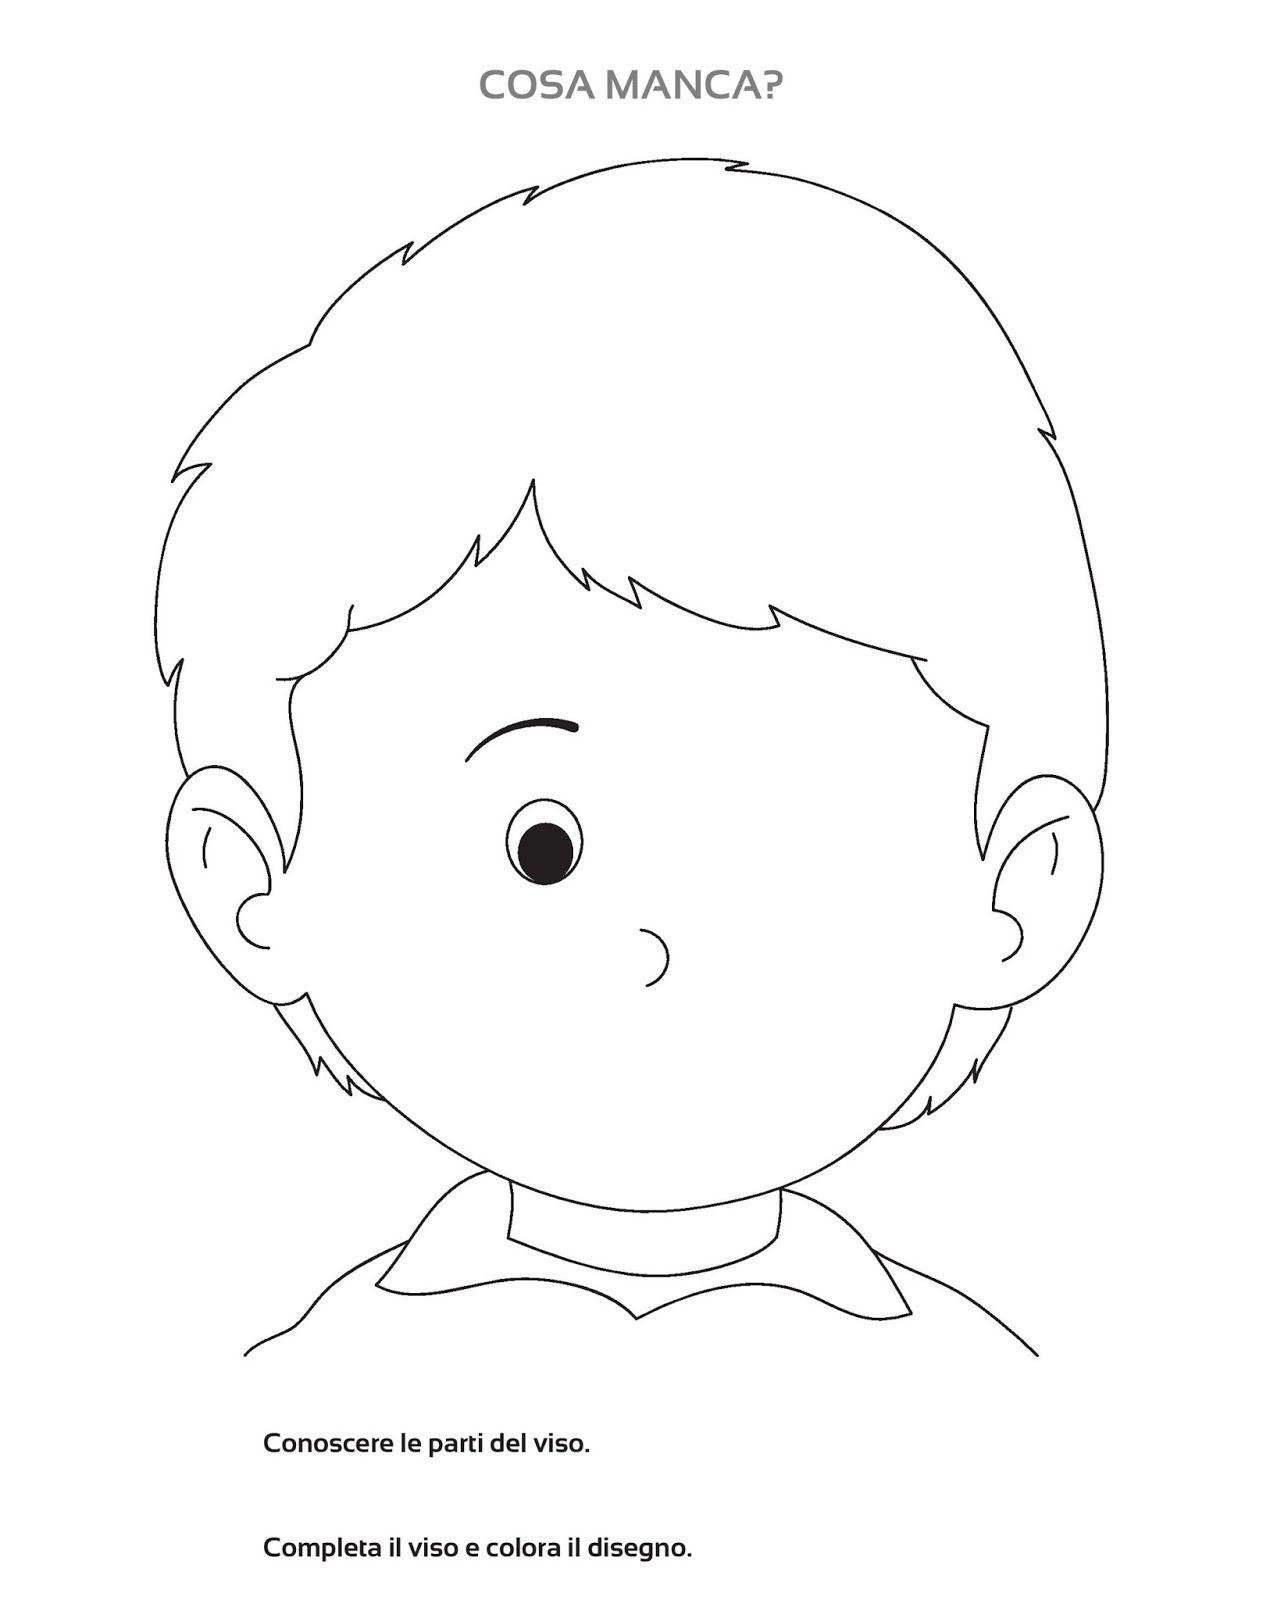 Schede didattiche scuola infanzia corpo umano ig76 for Schede didattiche natale scuola infanzia